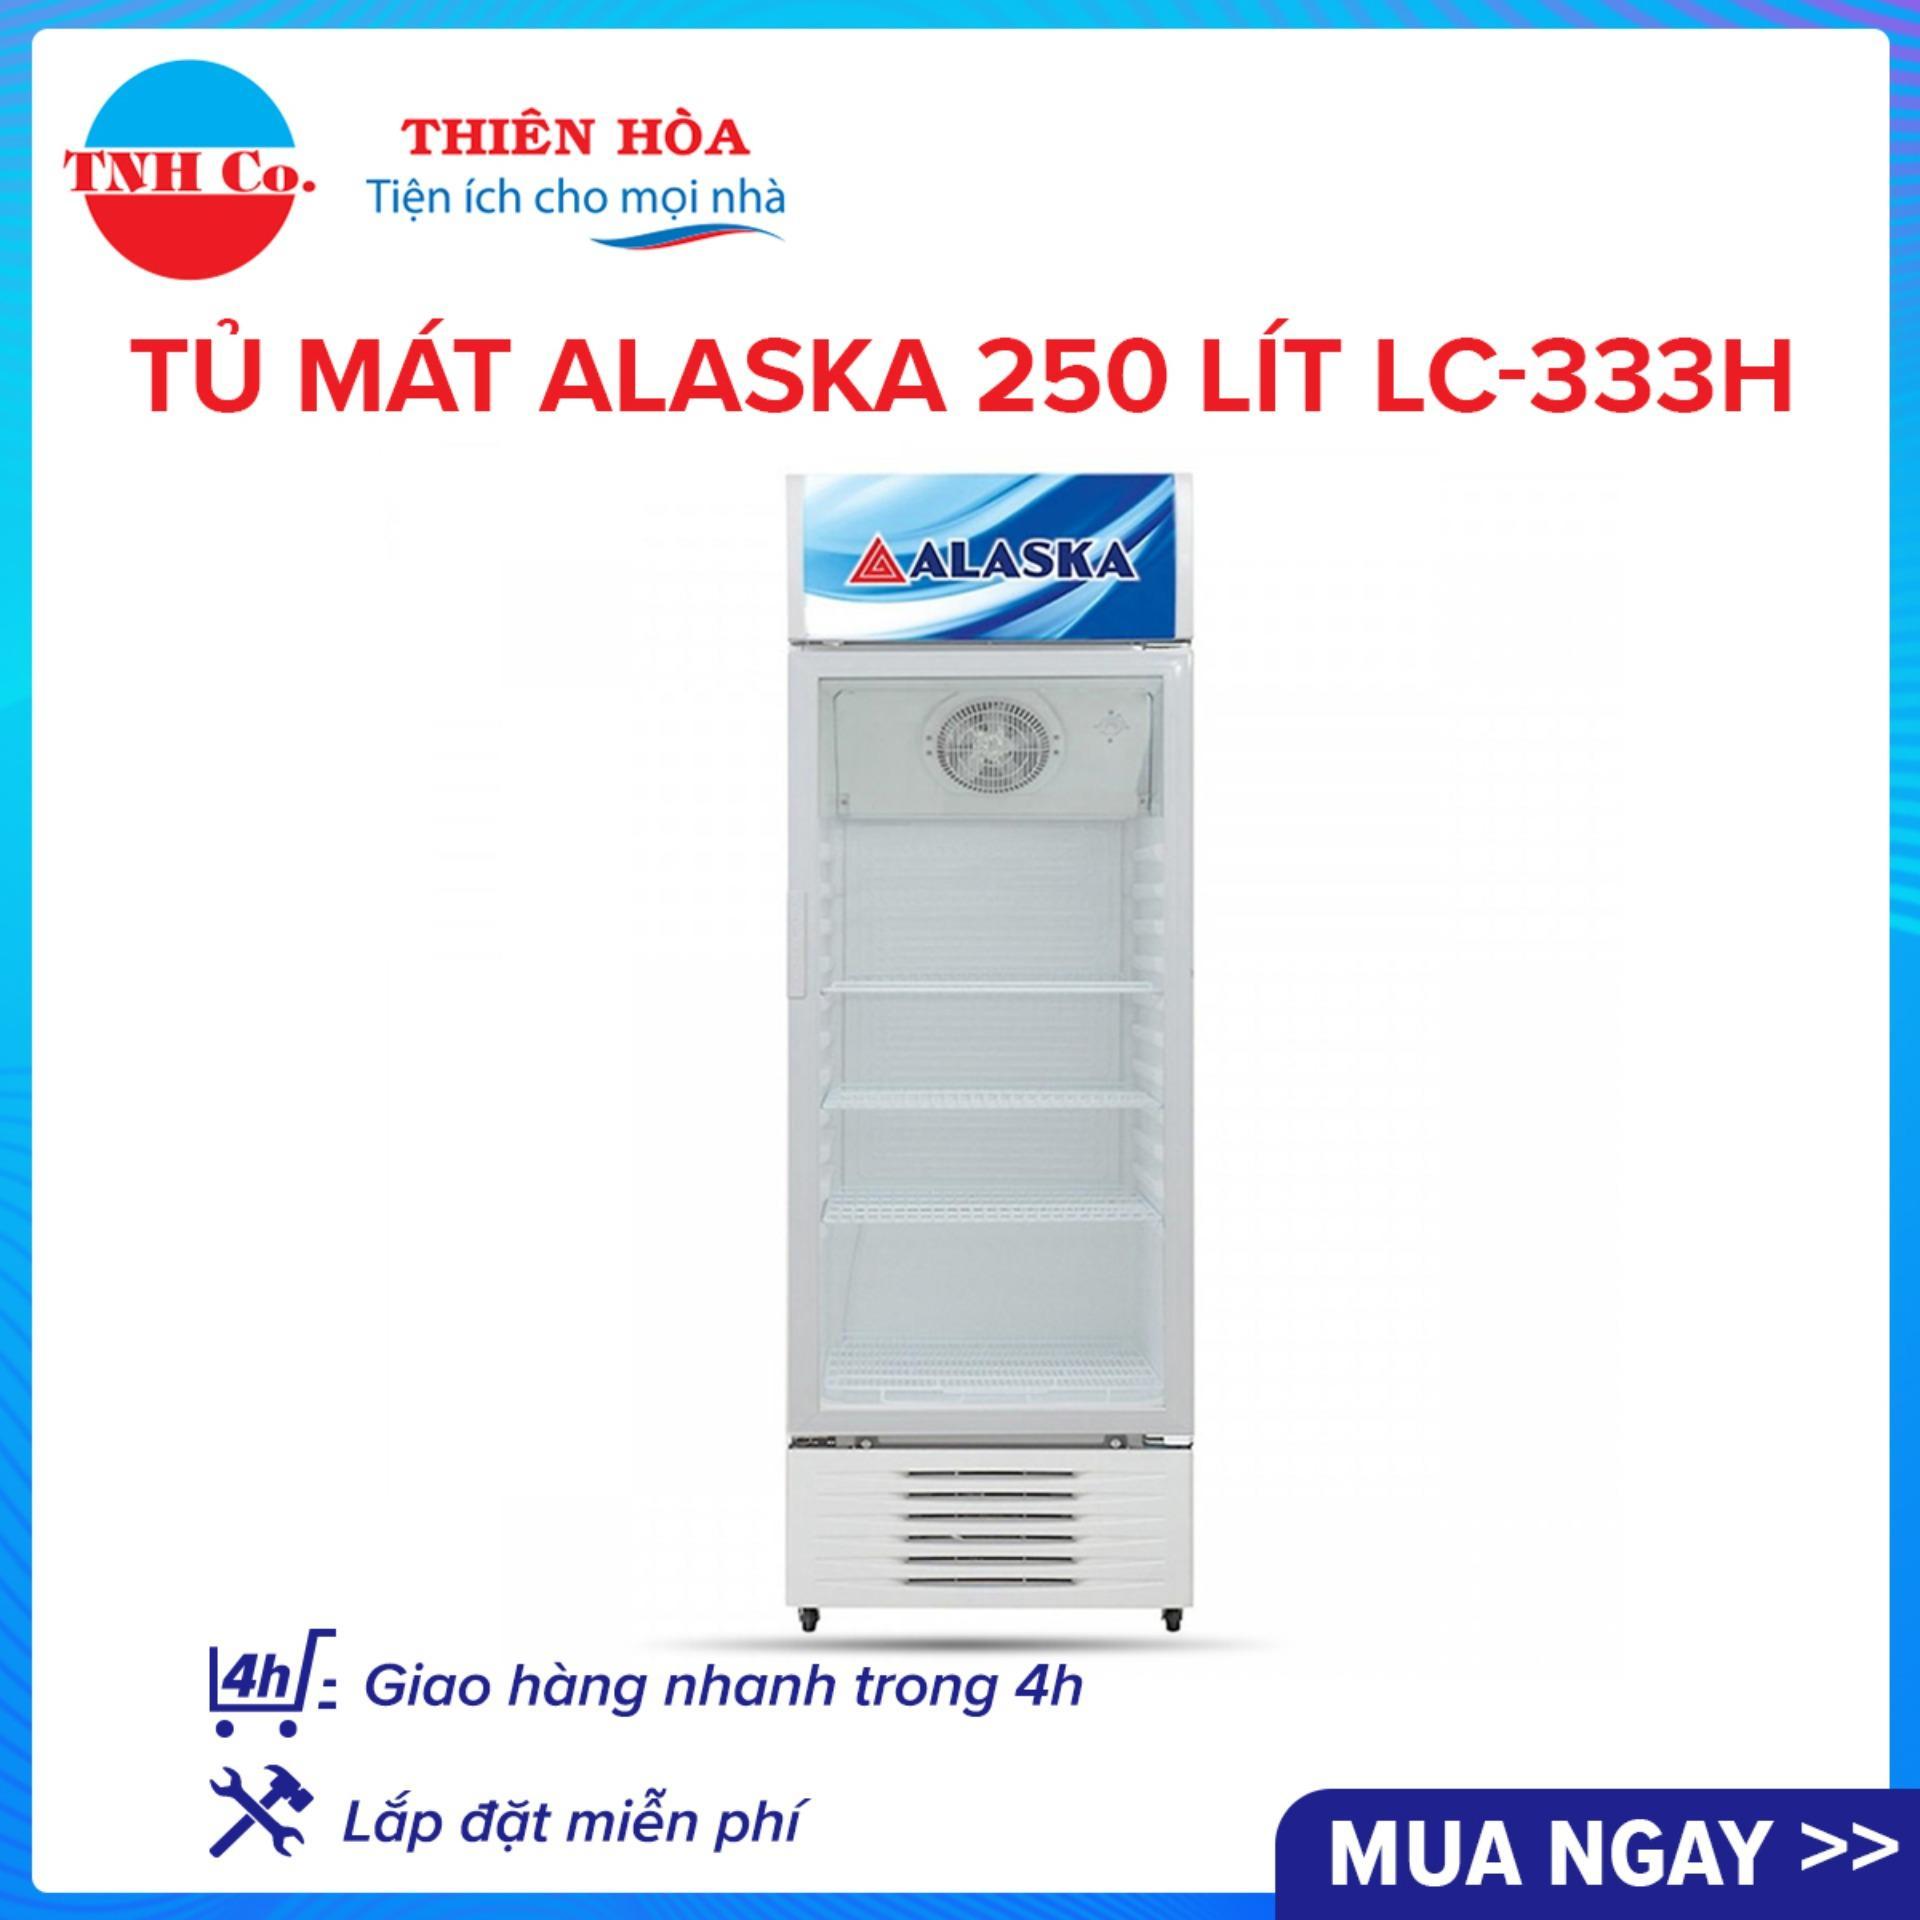 Bảng giá Tủ mát Alaska 250 lít LC-333H Điện máy Pico